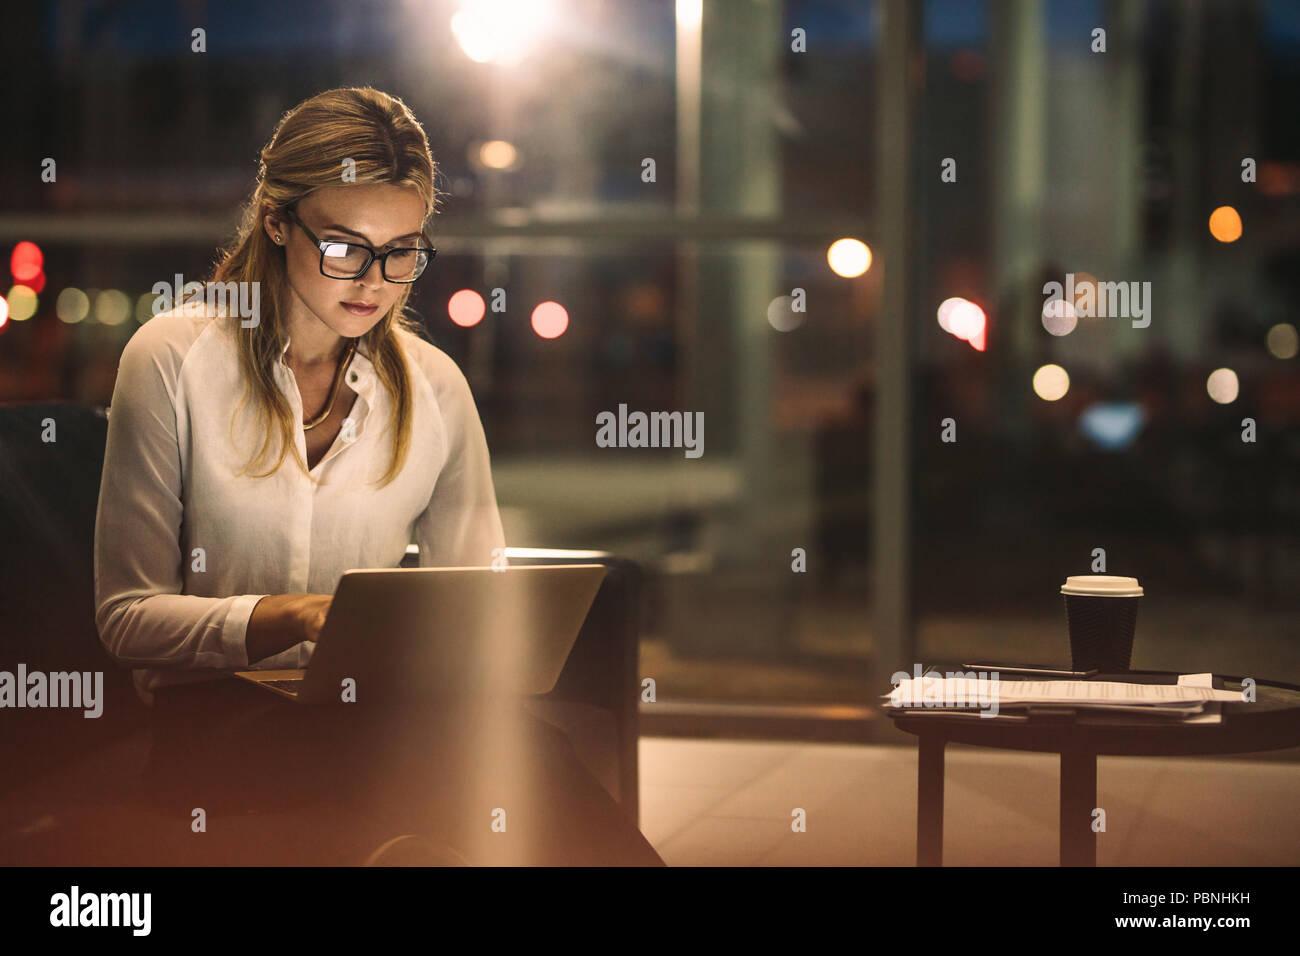 Giovane donna che lavorano sul laptop a tarda notte. Imprenditrice caucasica lavoro straordinario in ufficio per terminare il progetto entro la scadenza. Immagini Stock